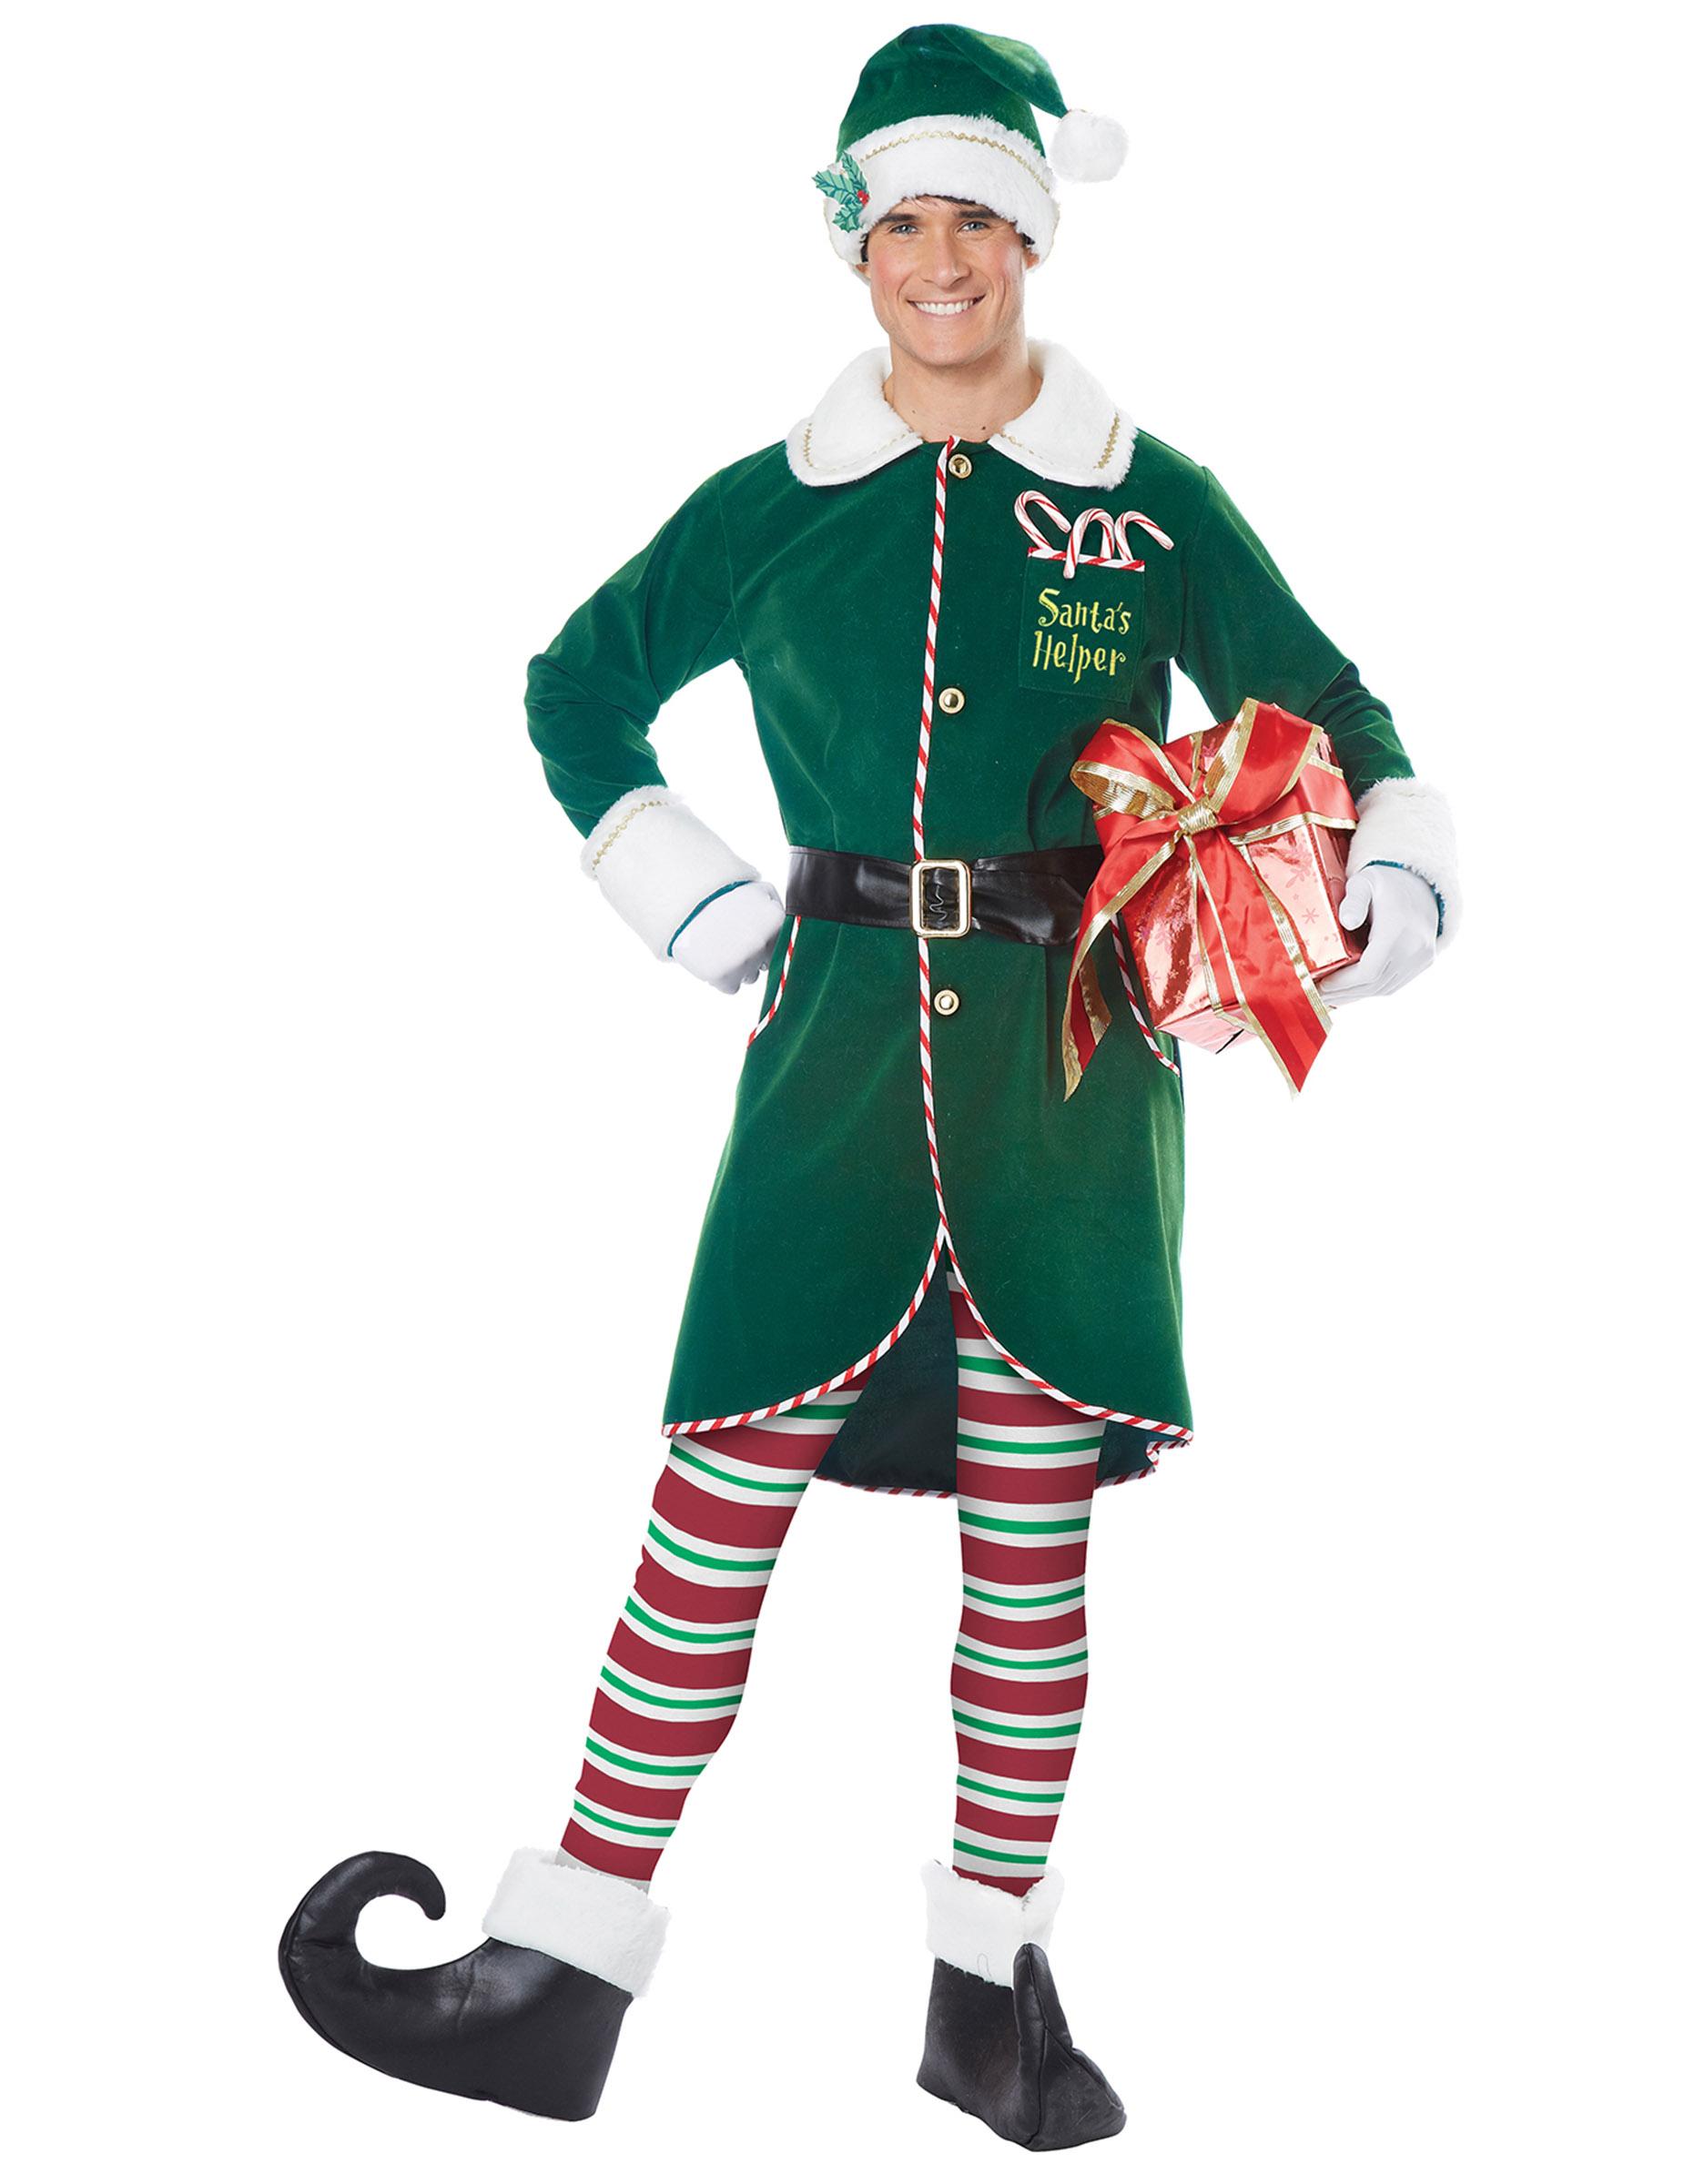 Weihnachtself-Kostüm für Herren Weihnachten grün-weiss-rot - L / XL 307229